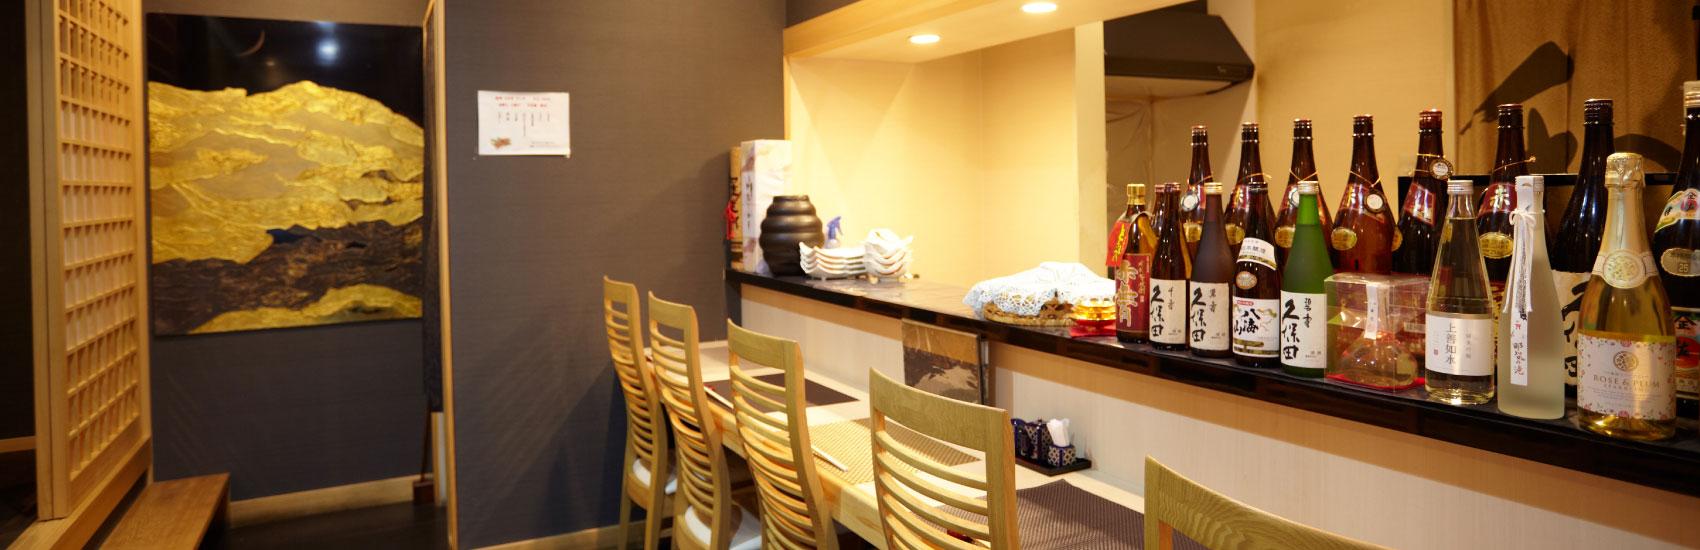 温泉料理・旬菜美味和華のカウンター席